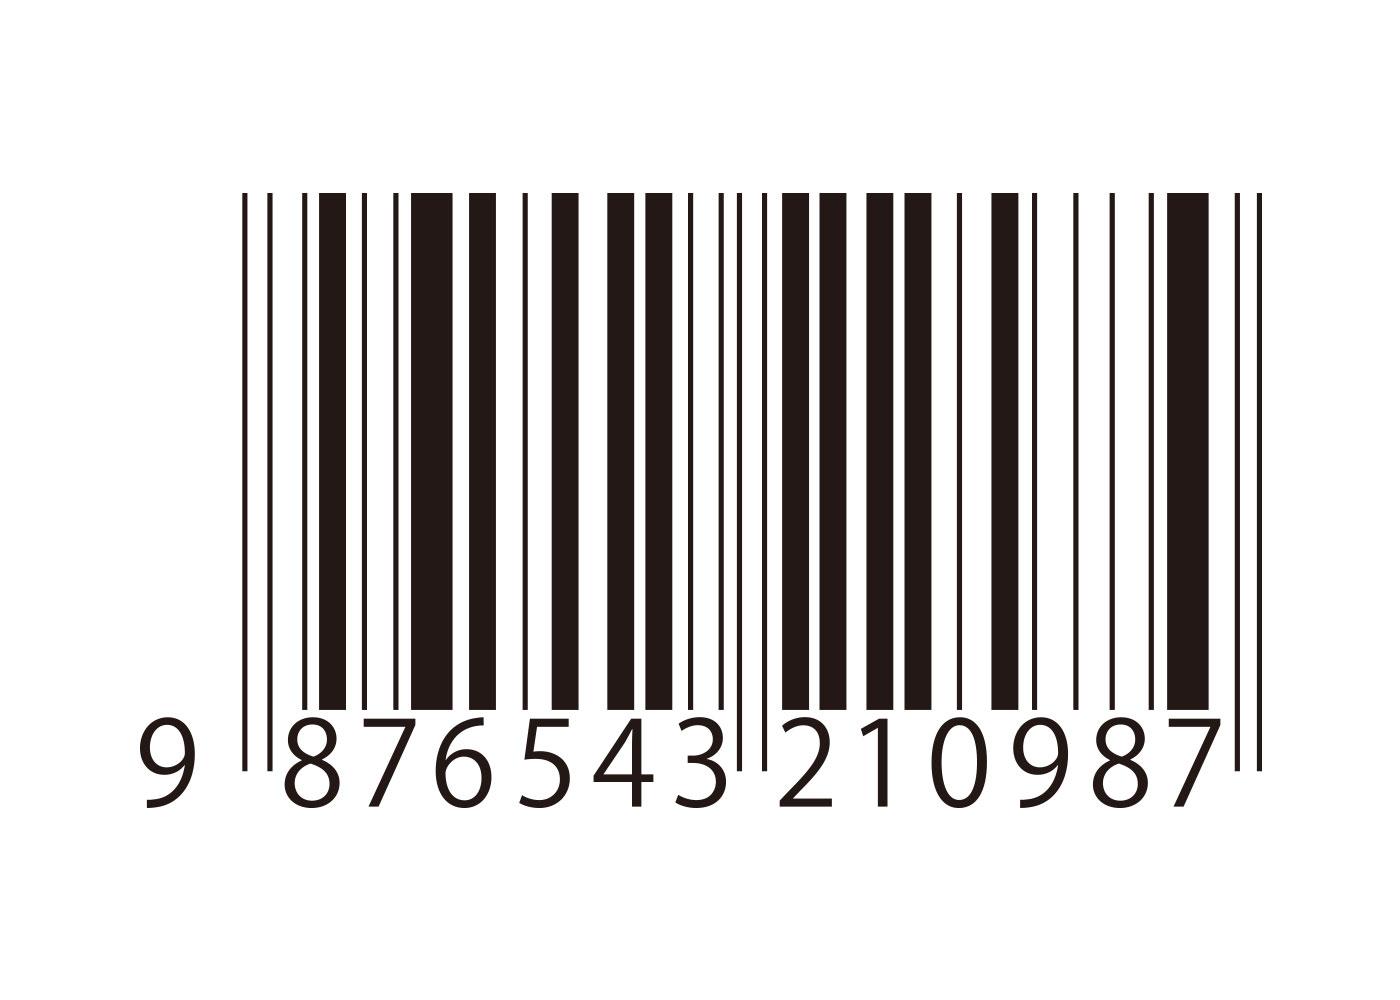 【無料ダウンロード】EXCEL(エクセル)でJANバーコードを作成・印刷する方法